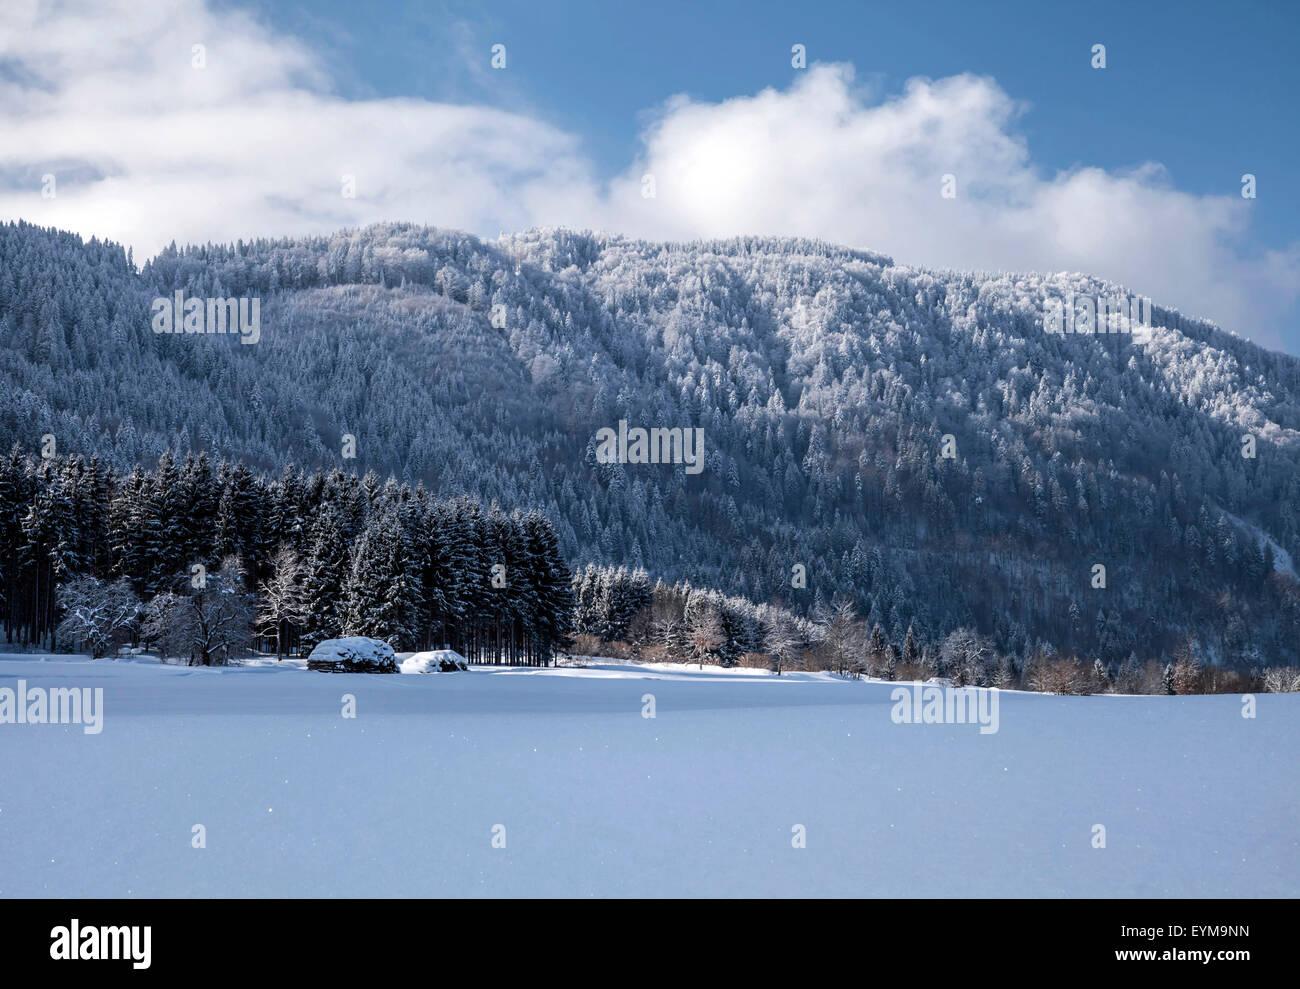 Winterlandschaft am Dreiländereck bei Arnoldstein, Kärnten, Österreich Stock Photo